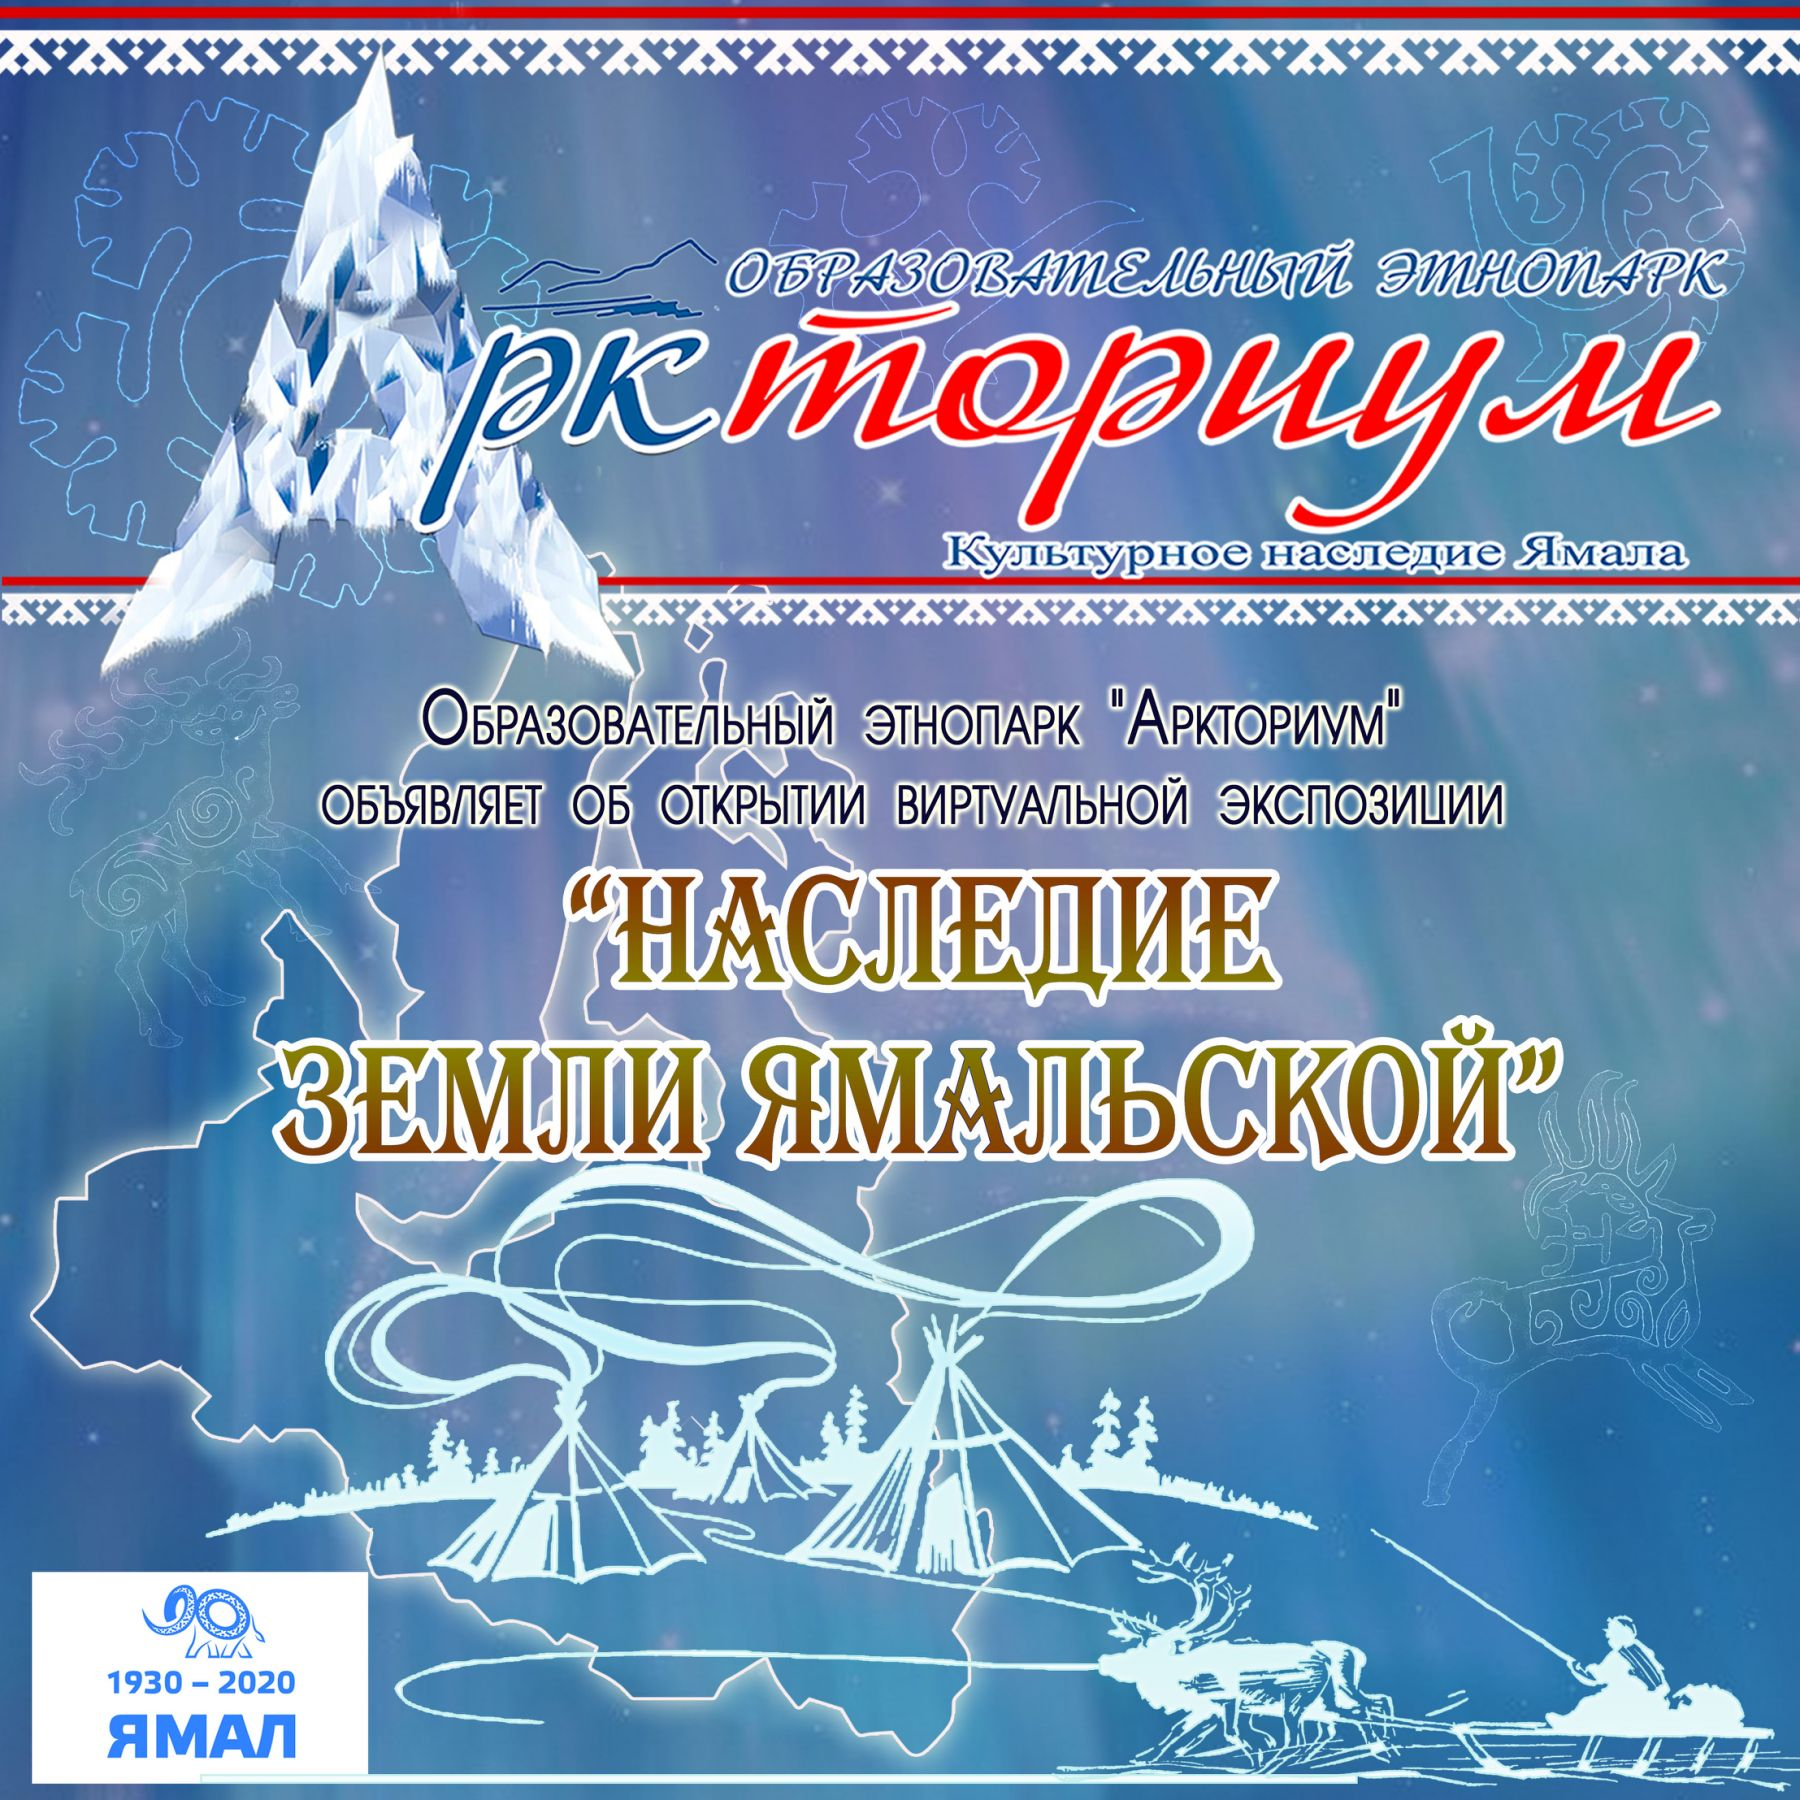 Программа и промо-ролик онлайн-экспозиции «Наследие земли Ямальской»